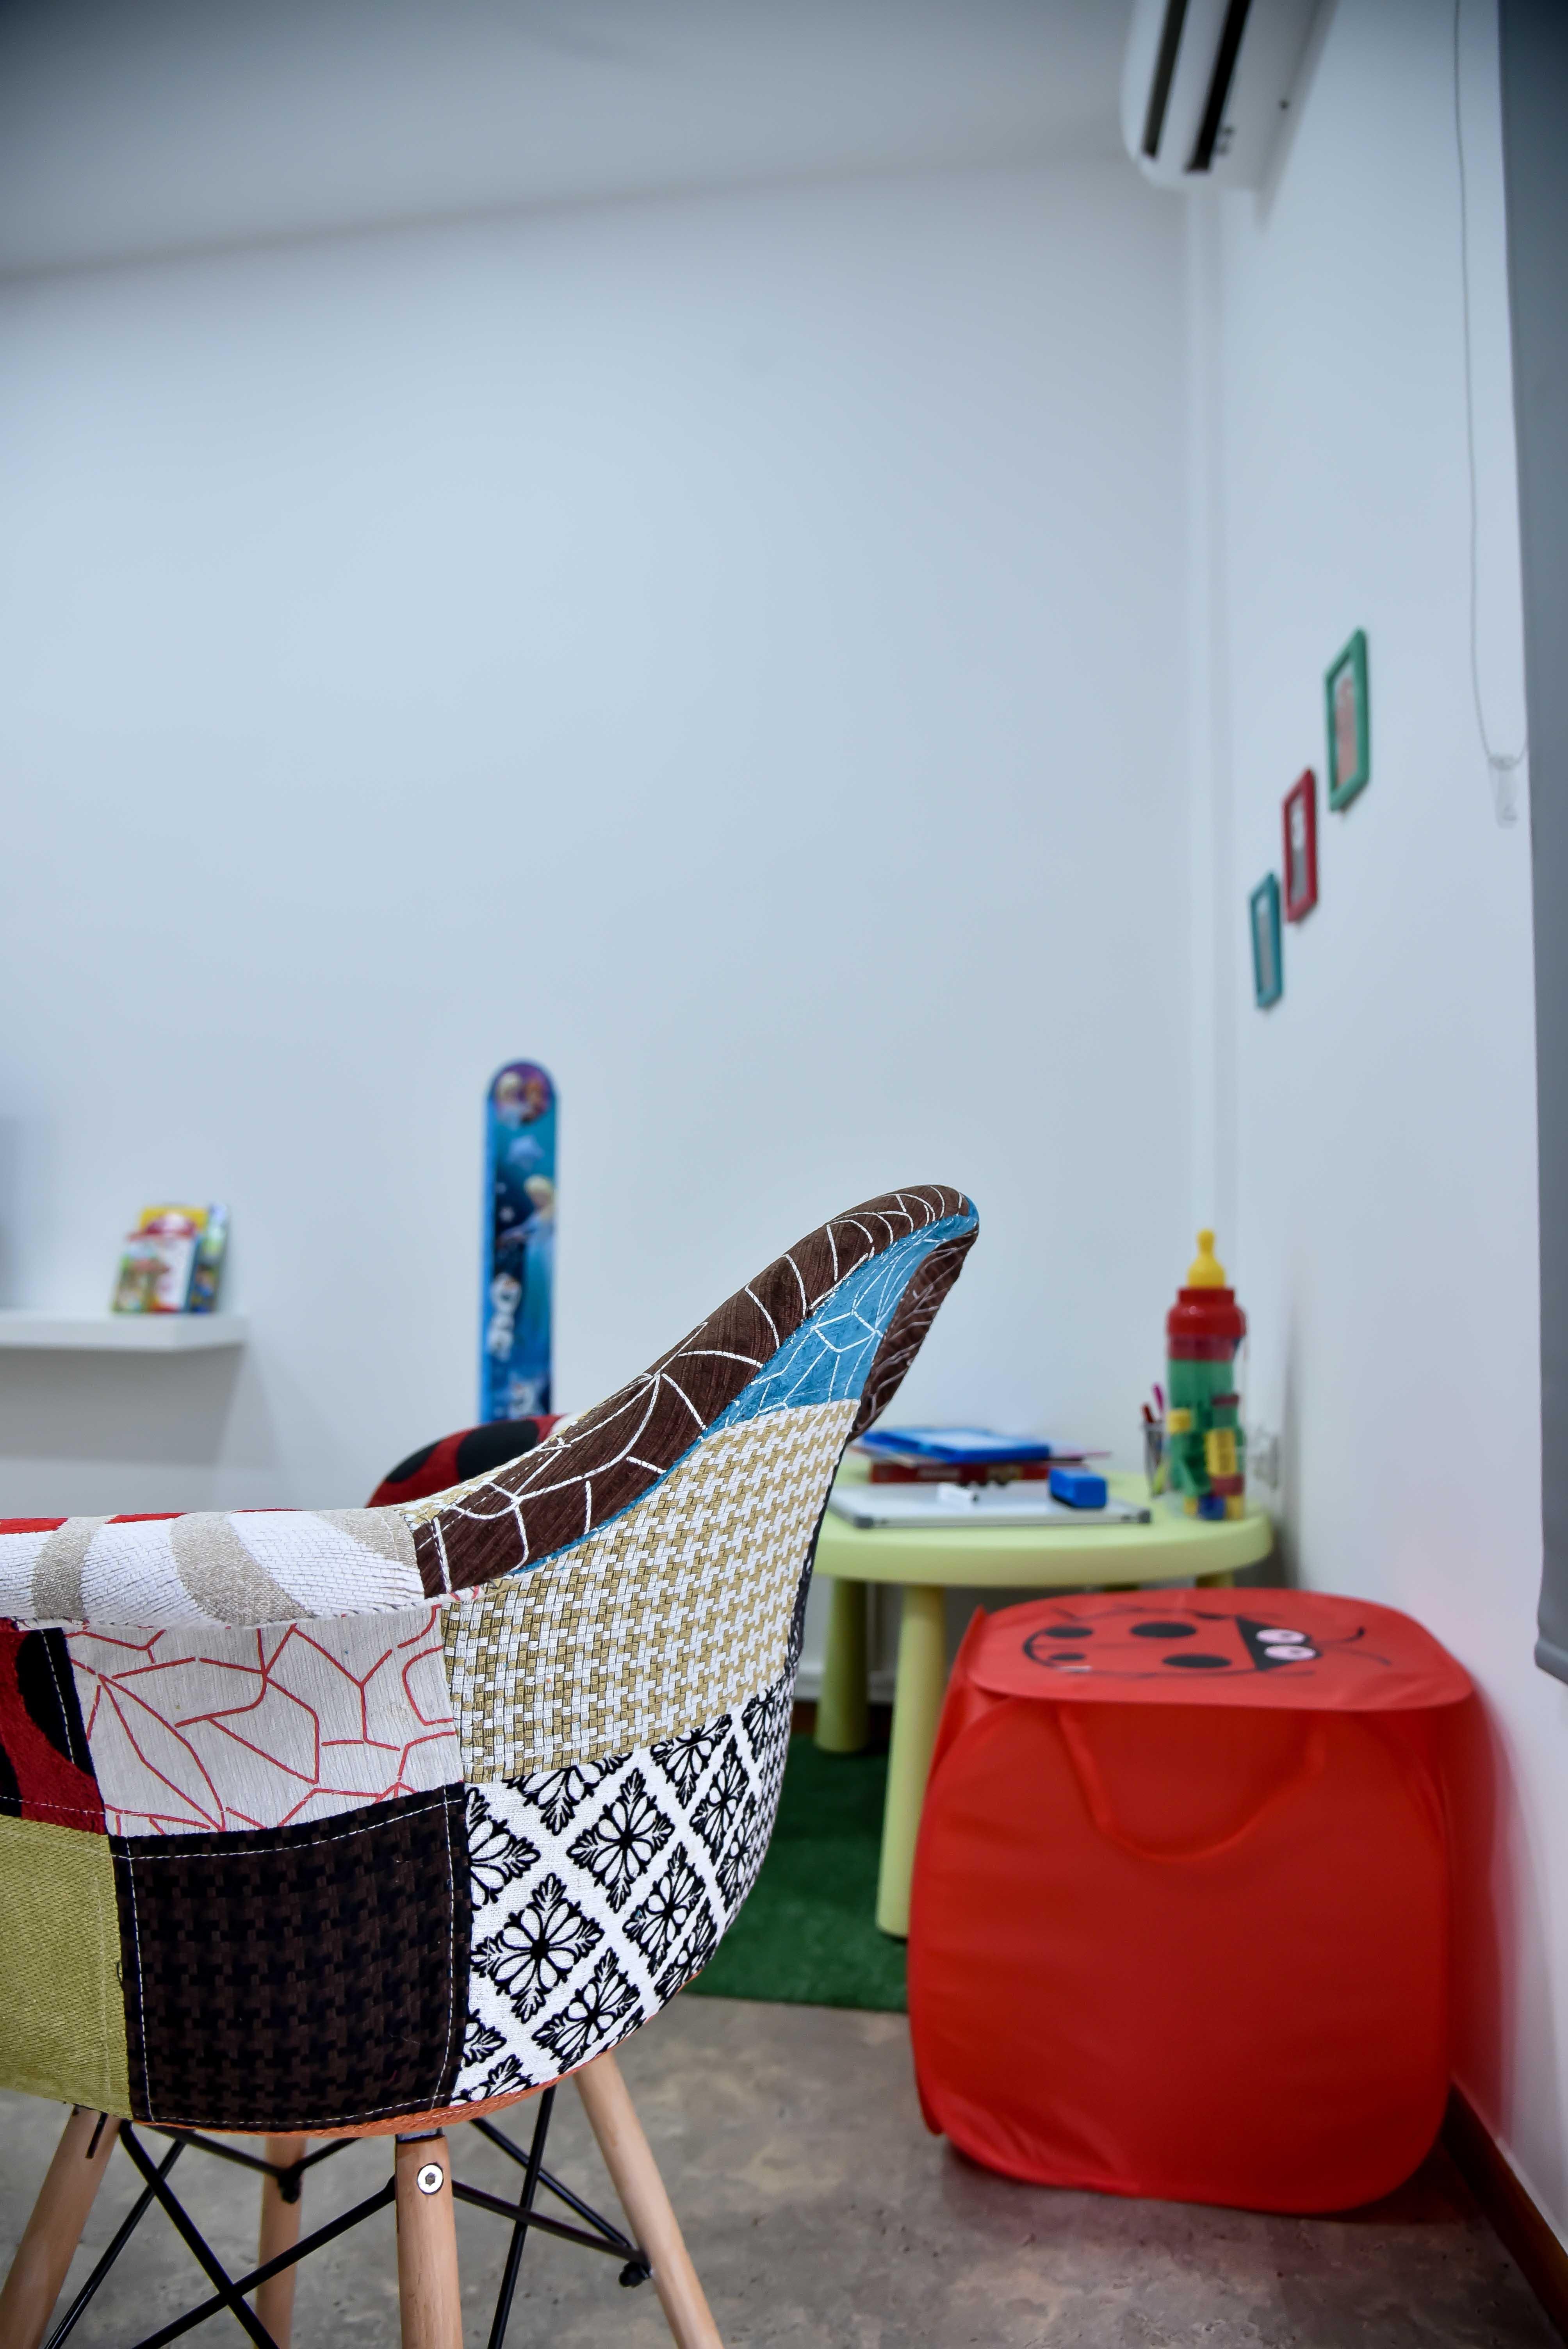 LAZ 1112 - Lice Clinics: Όλες οι Λαρισαίες μαμάδες θα το λατρέψουν!